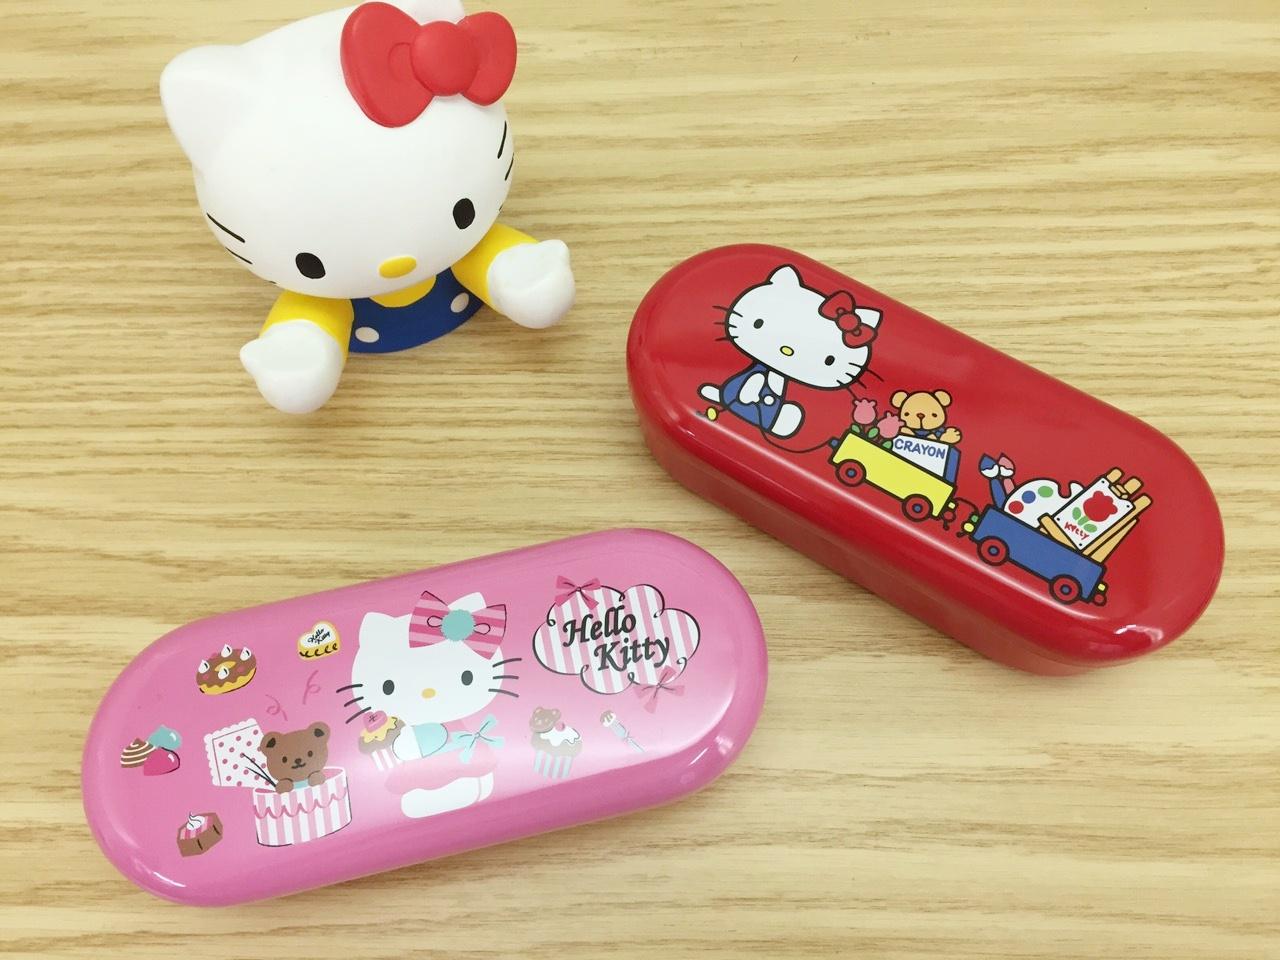 【真愛日本】15100900027 橢圓萬用鐵盒-兩款 KITTY 凱蒂貓 三麗鷗 文具用品 鉛筆盒 收納